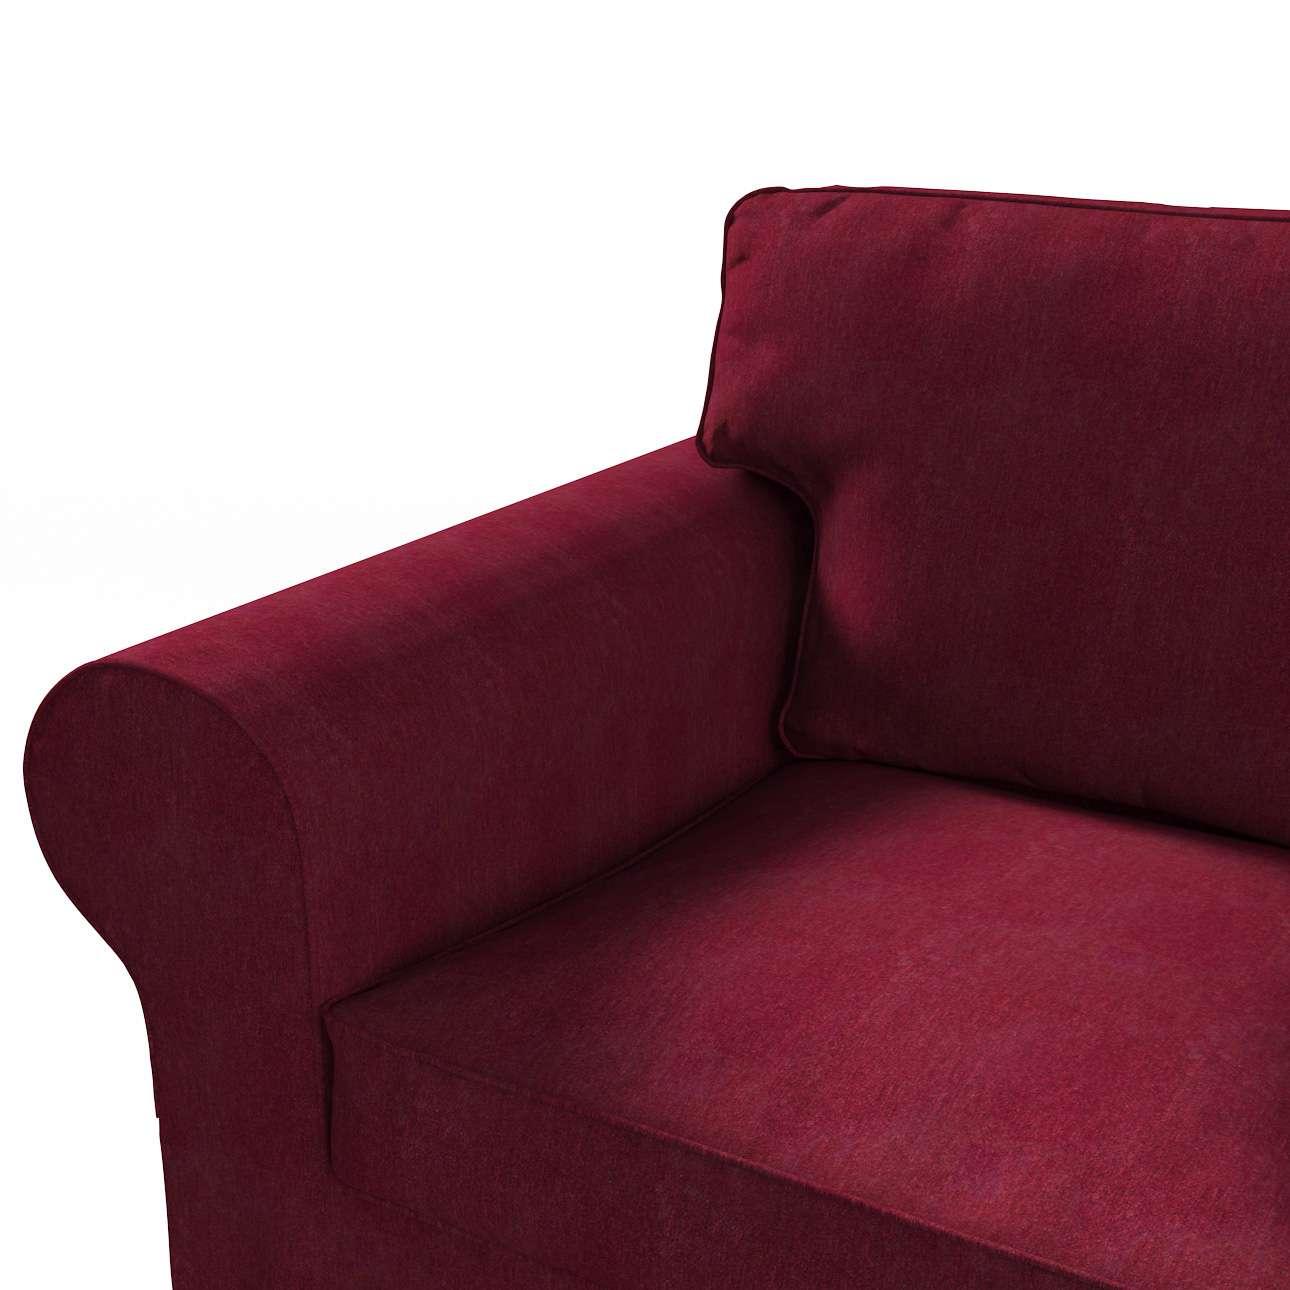 Pokrowiec na sofę Ektorp 3-osobową, rozkładaną, PIXBO w kolekcji Chenille, tkanina: 702-19